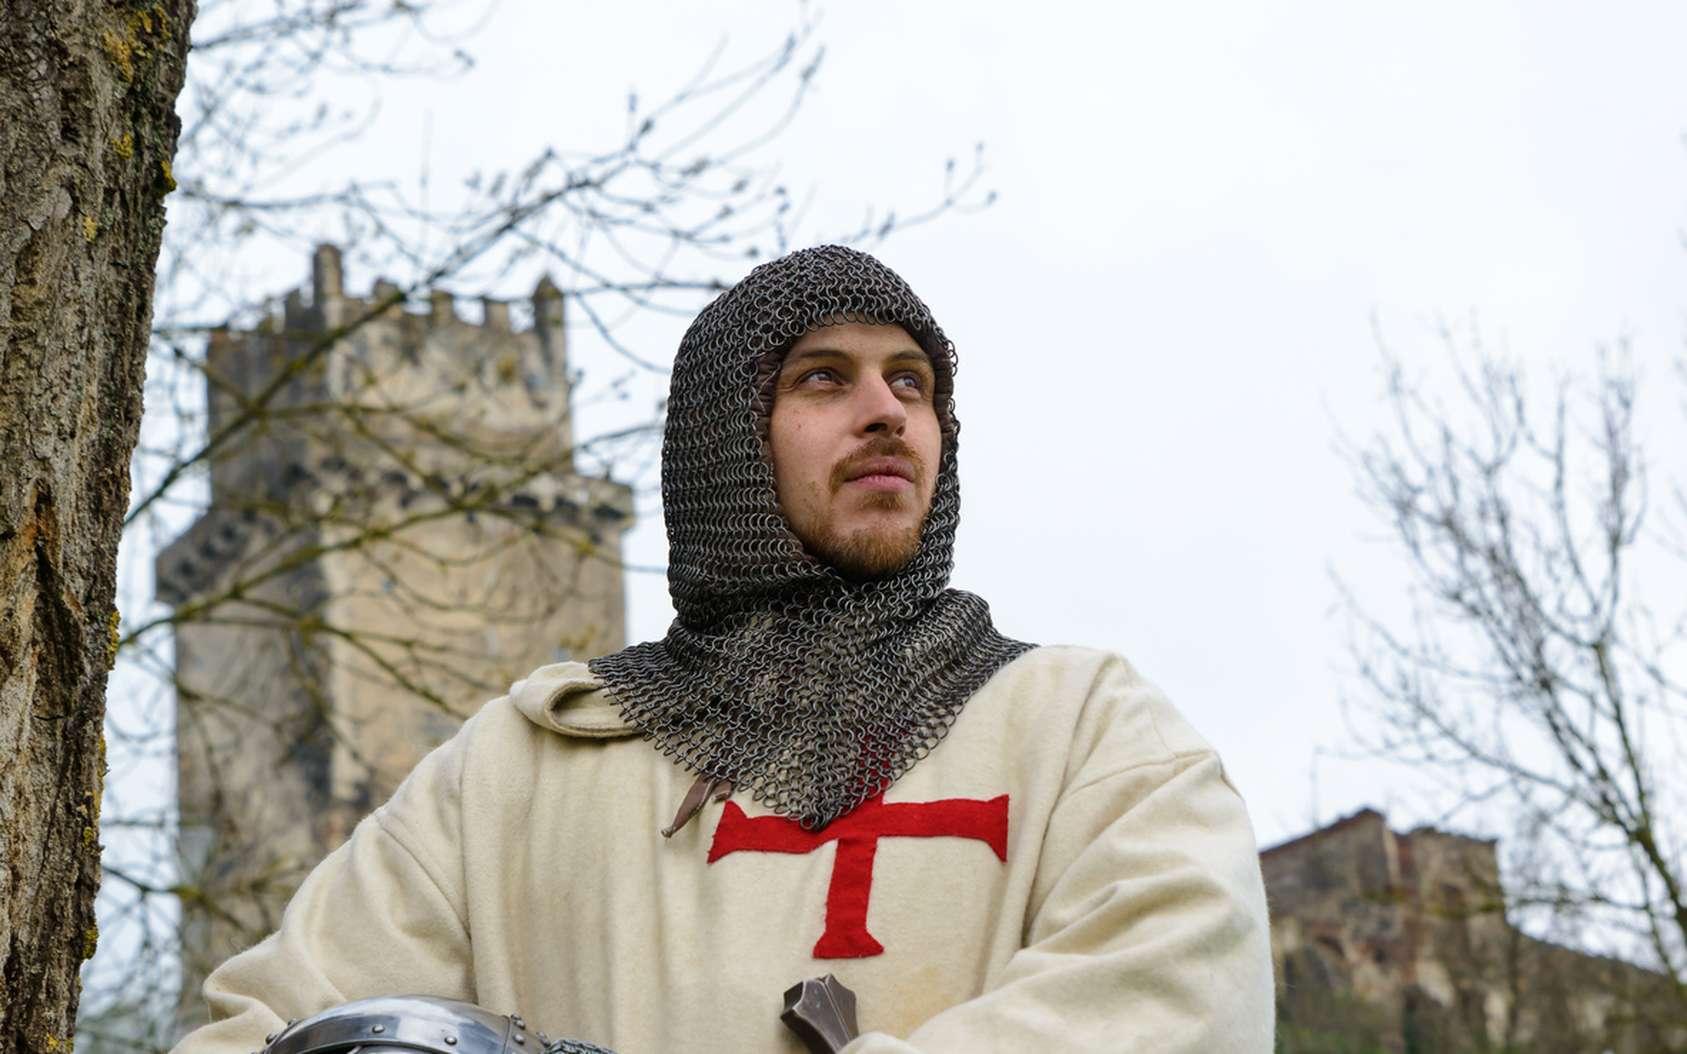 Comment était organisée la société au Moyen Âge ? Ici, un Homme en habits de Templier. © fotofrank, Fotolia